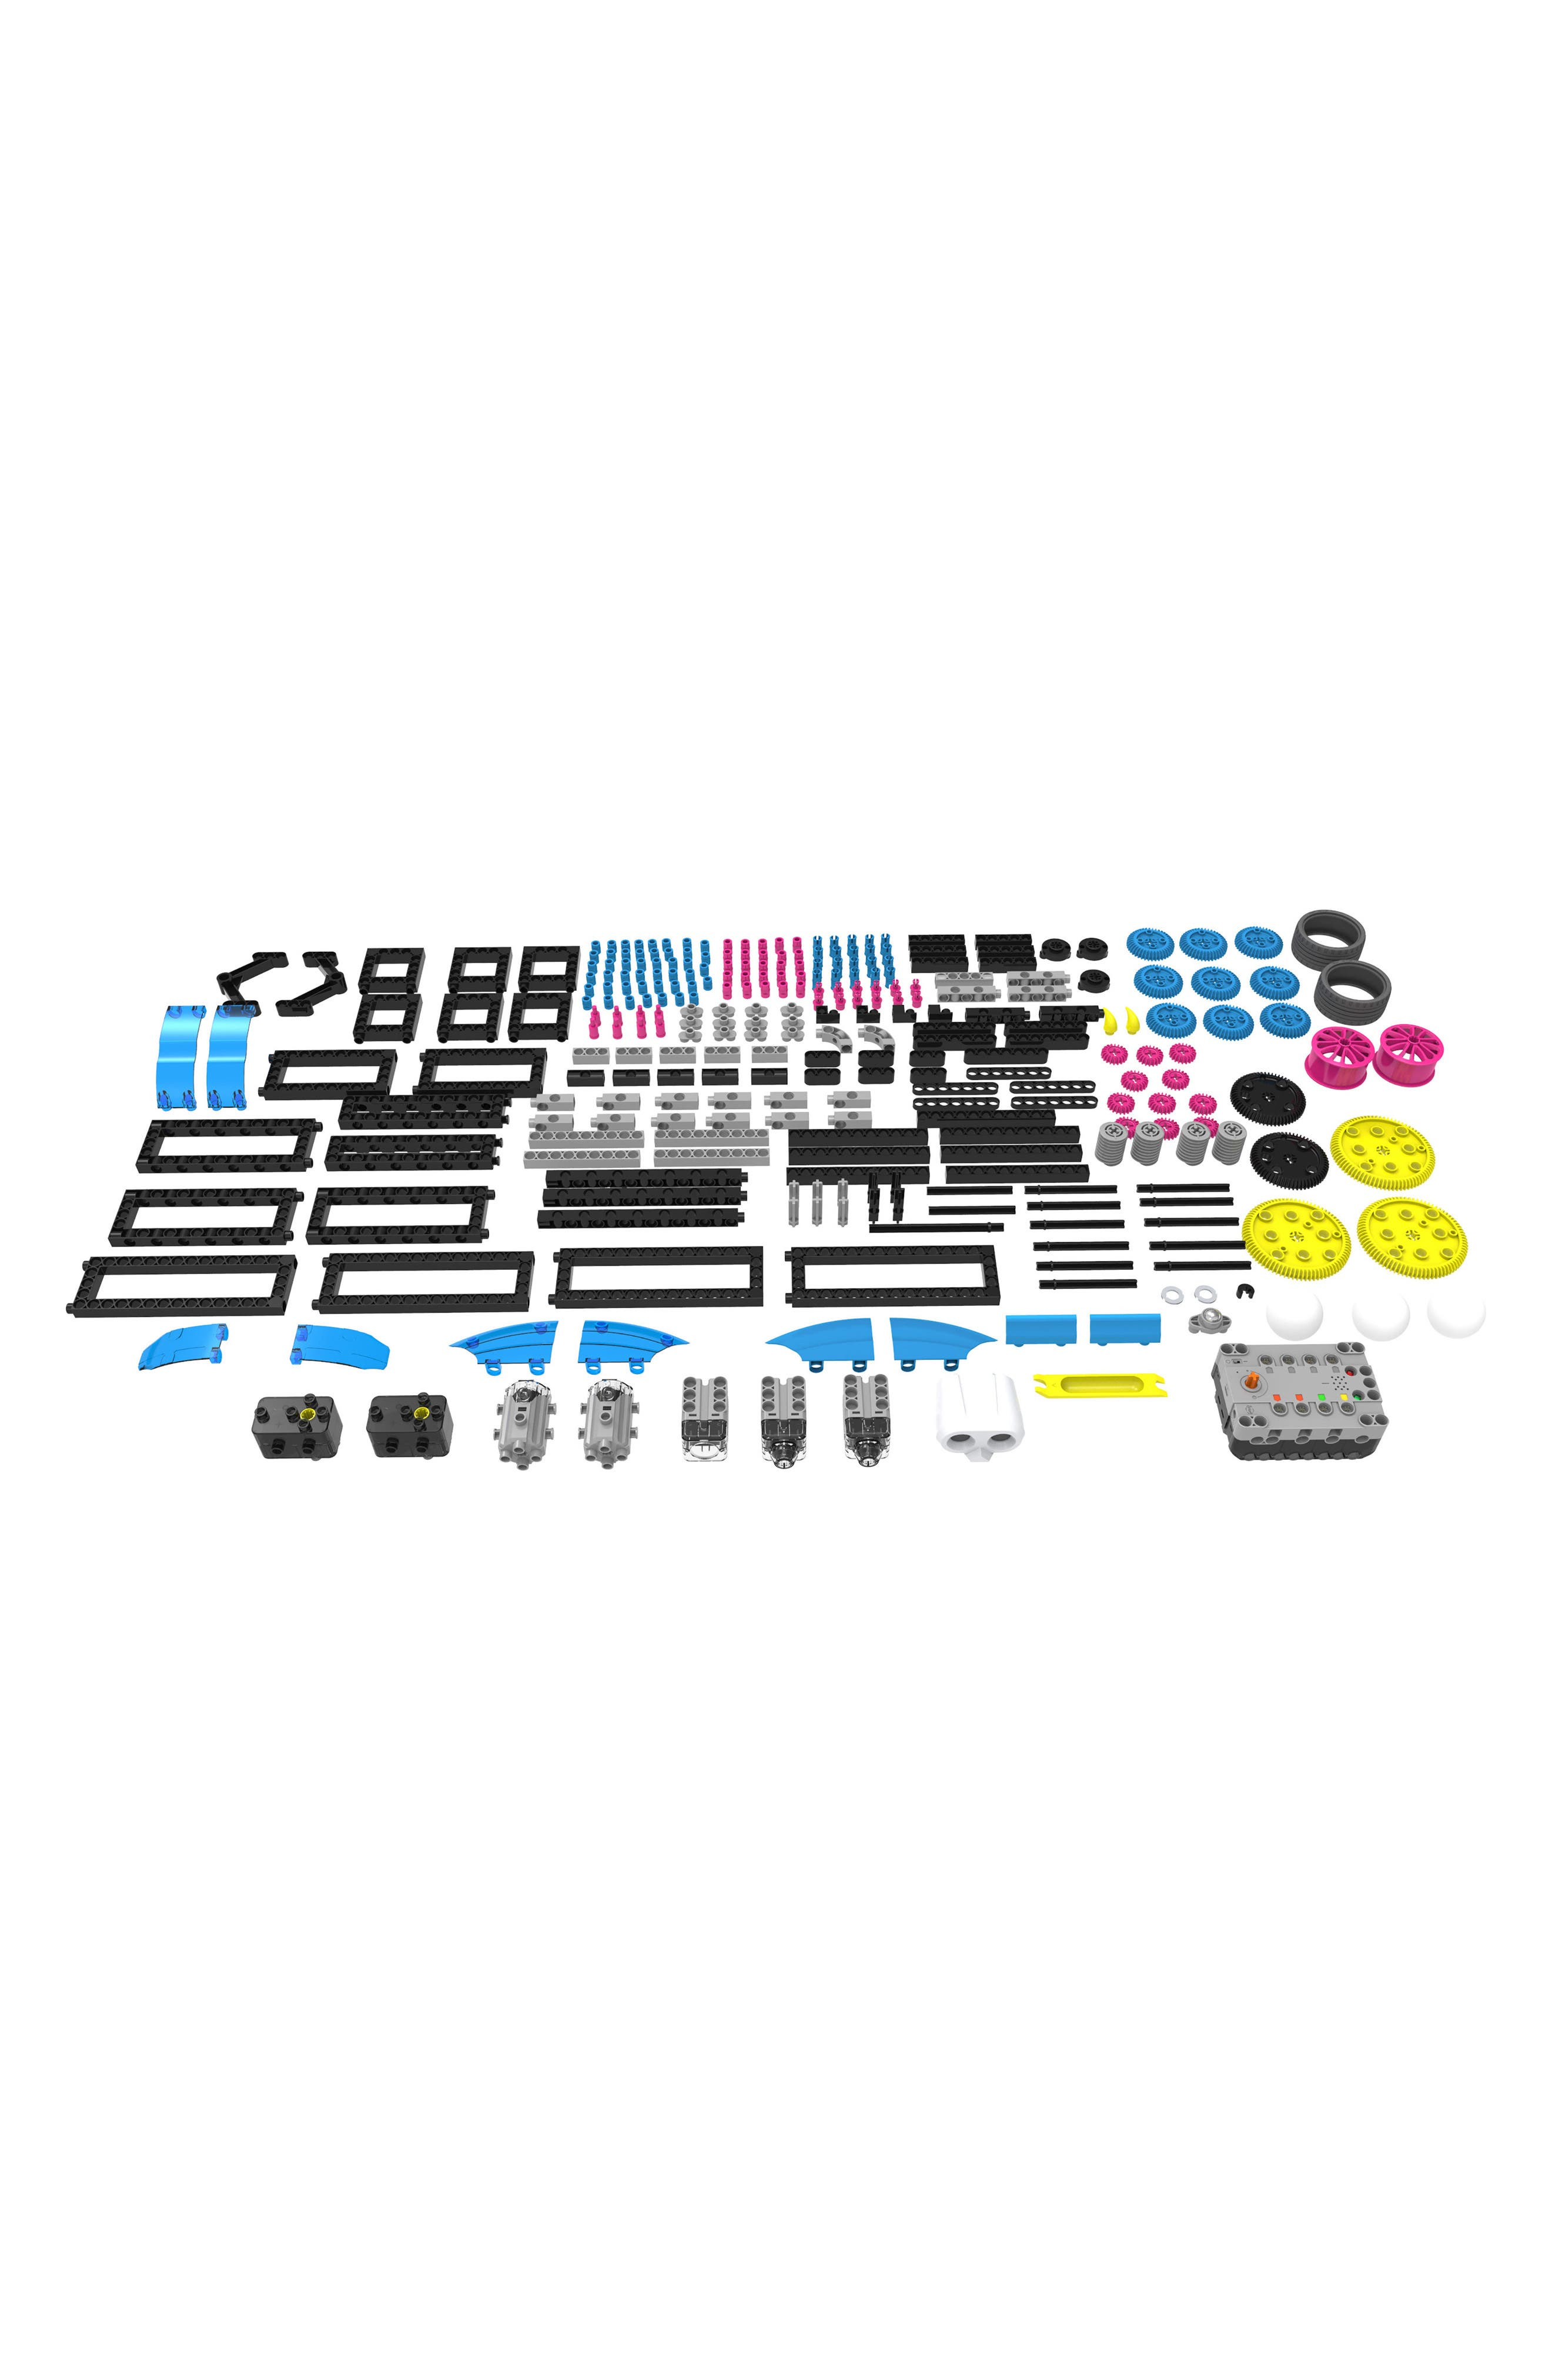 Robotics Building Kit,                             Alternate thumbnail 8, color,                             No Color